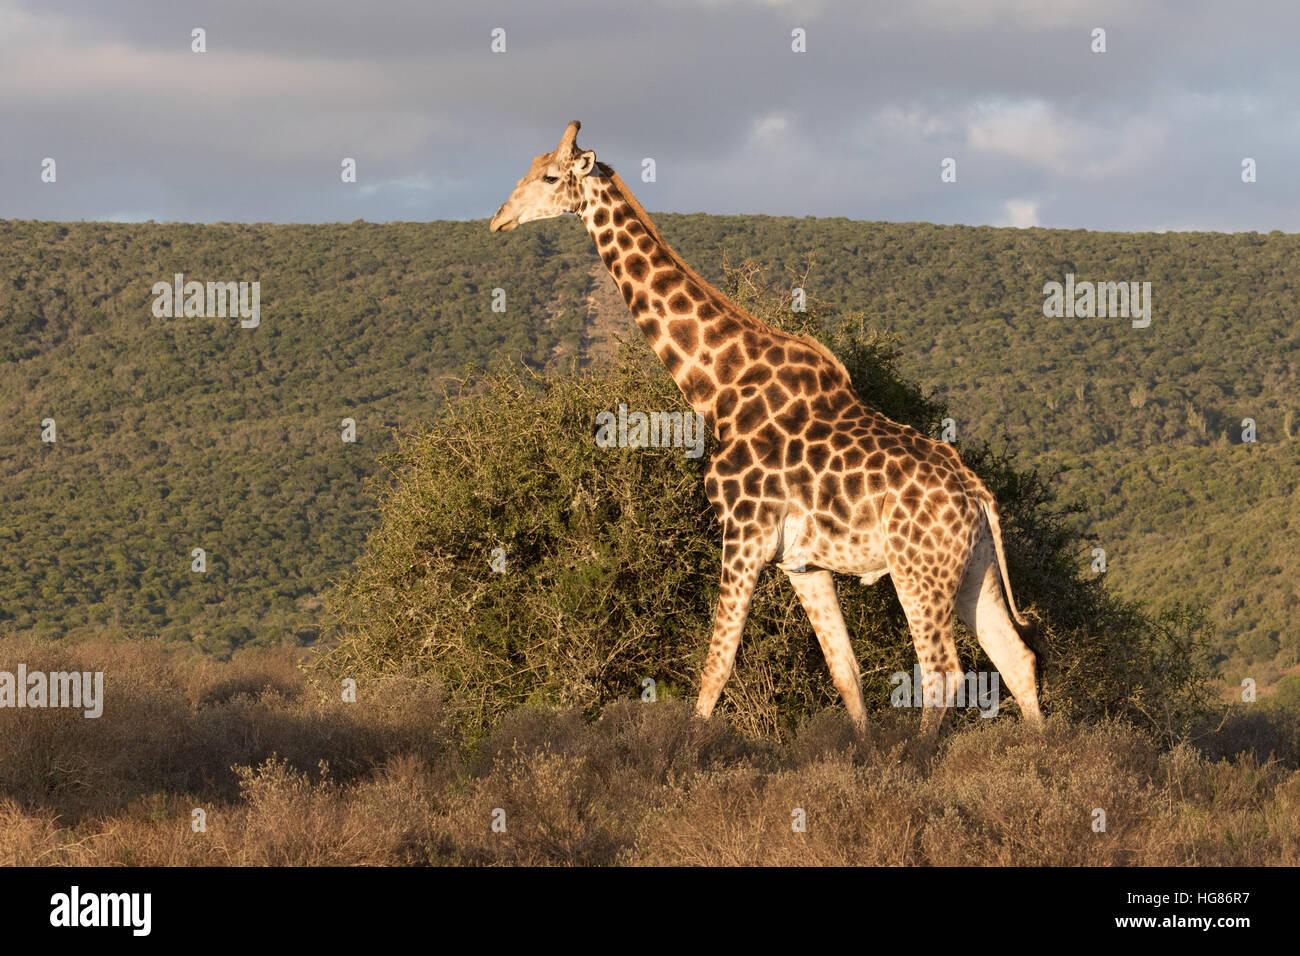 Wild adult Giraffe ( Southern Giraffe, Giraffa Giraffa), South Africa - Stock Image